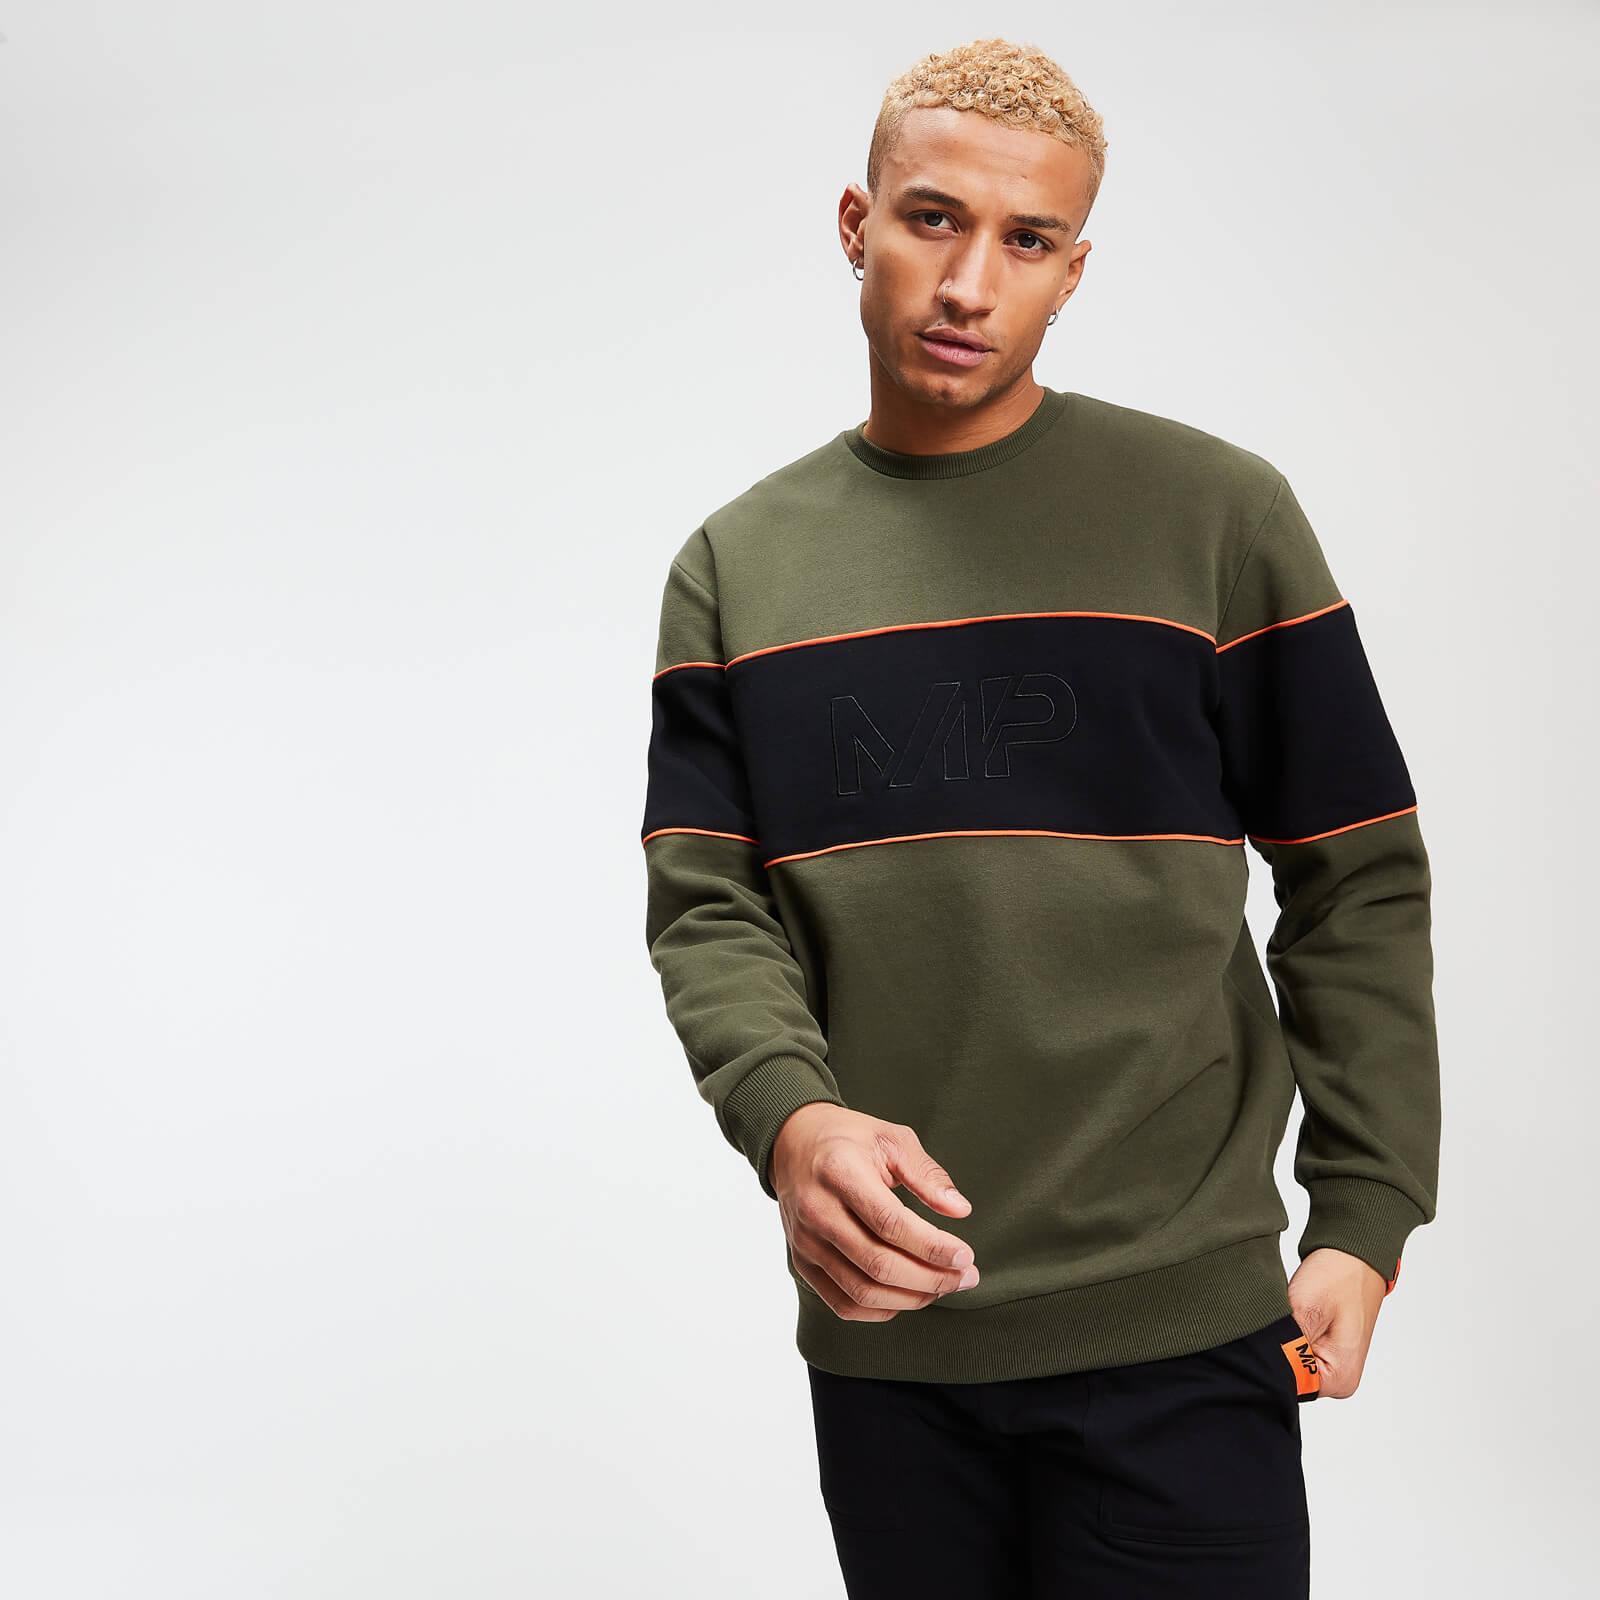 Myprotein Rest Day Men's Stripe Sweatshirt - Army Green - XL